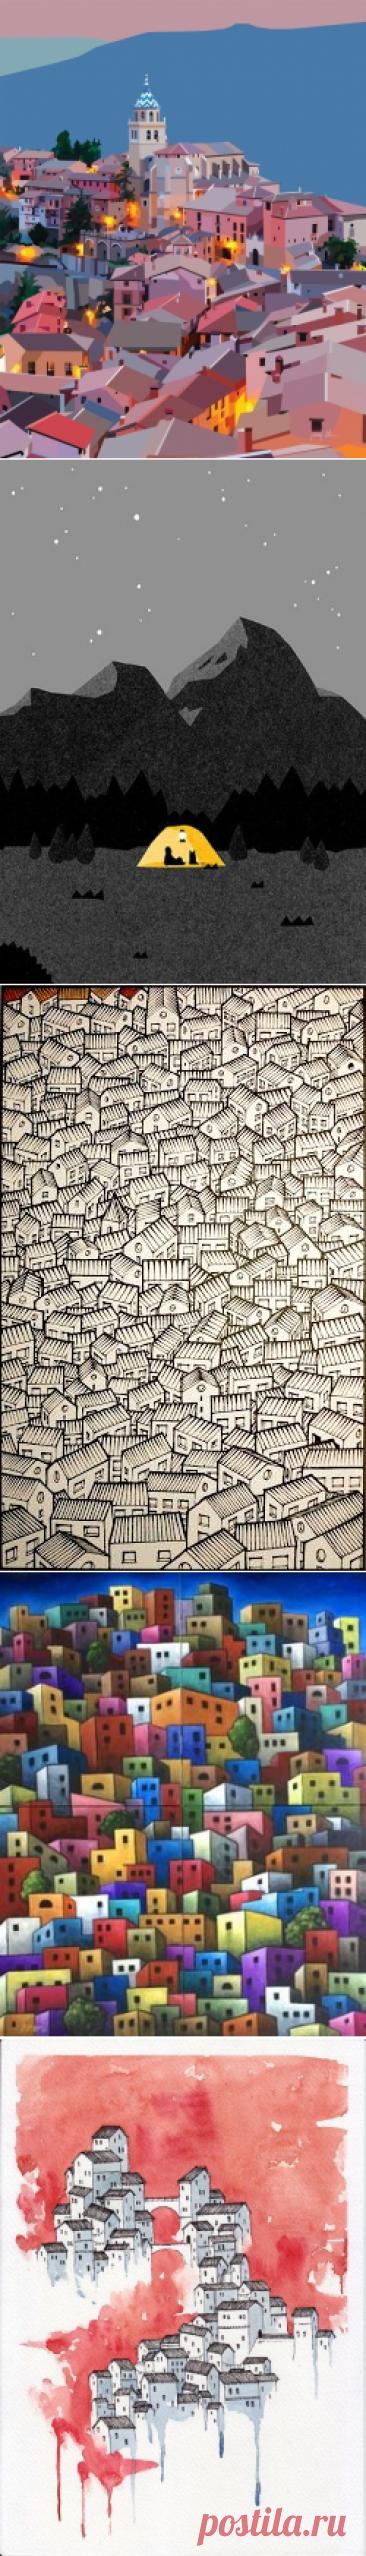 (789) Pinterest